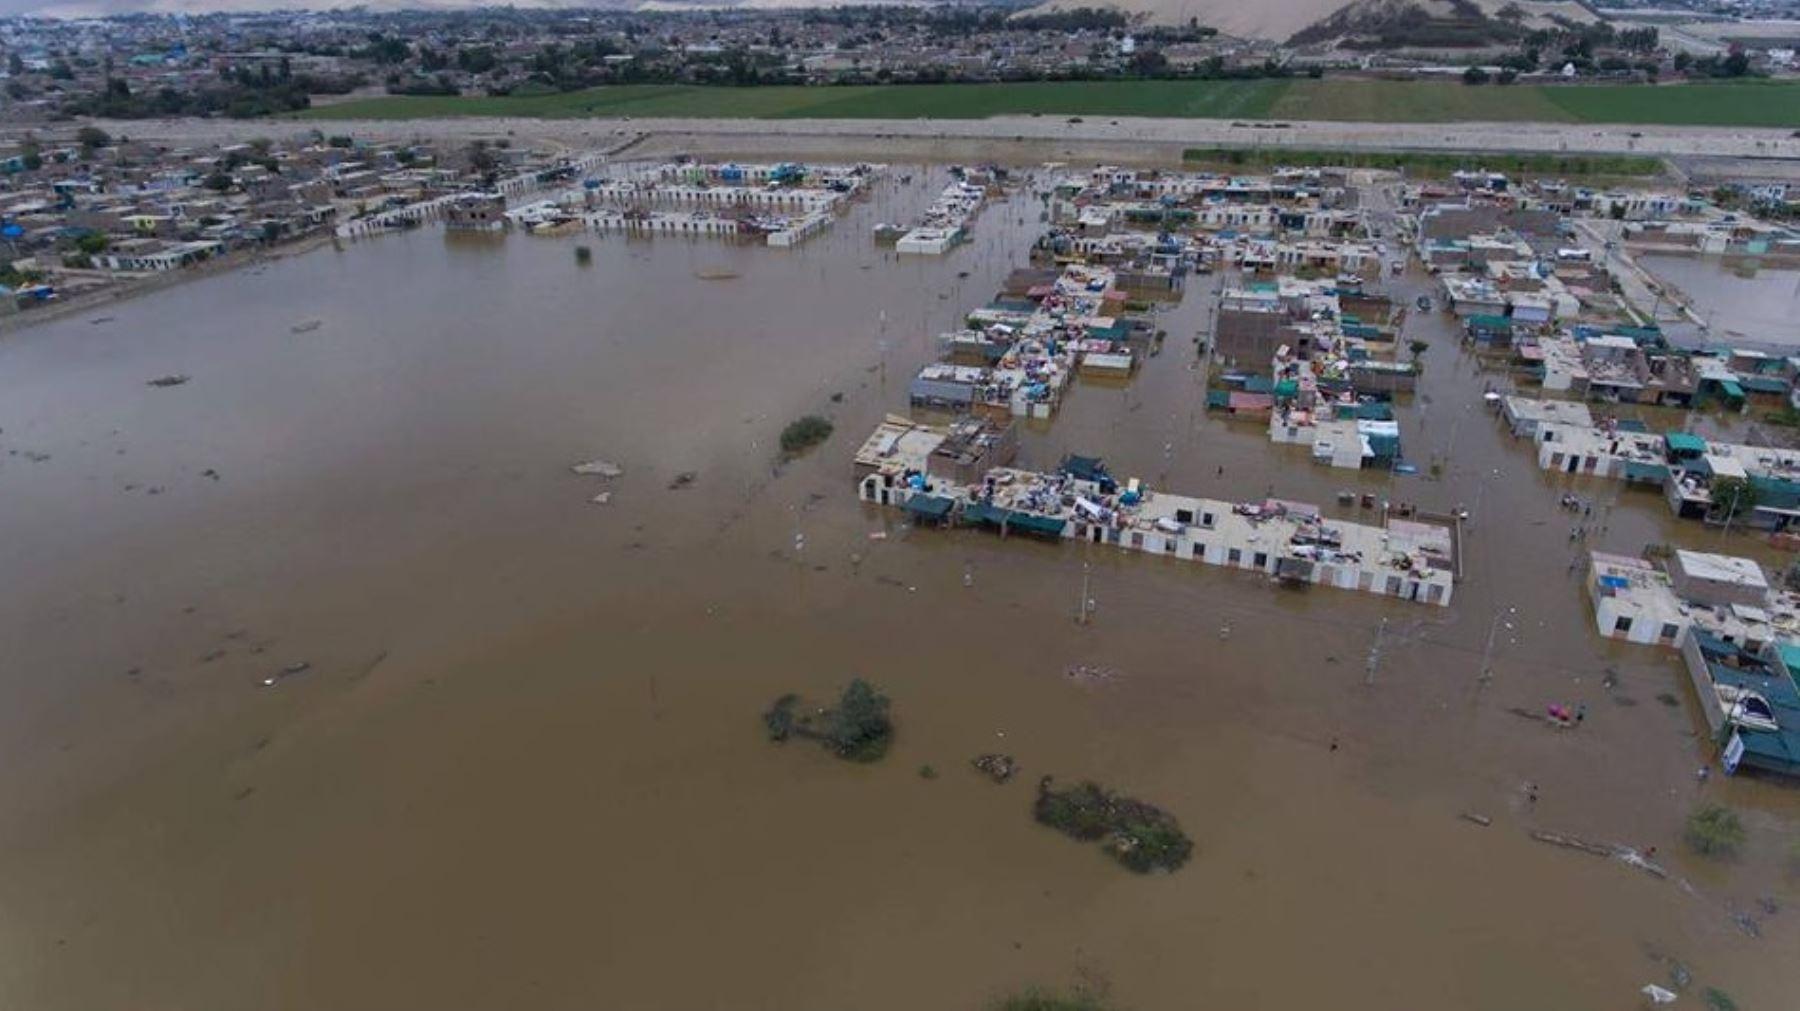 Inundación en distritos de la región dejó más de 5,000 familias damnificadas. Foto: Emerson Bautista Linares